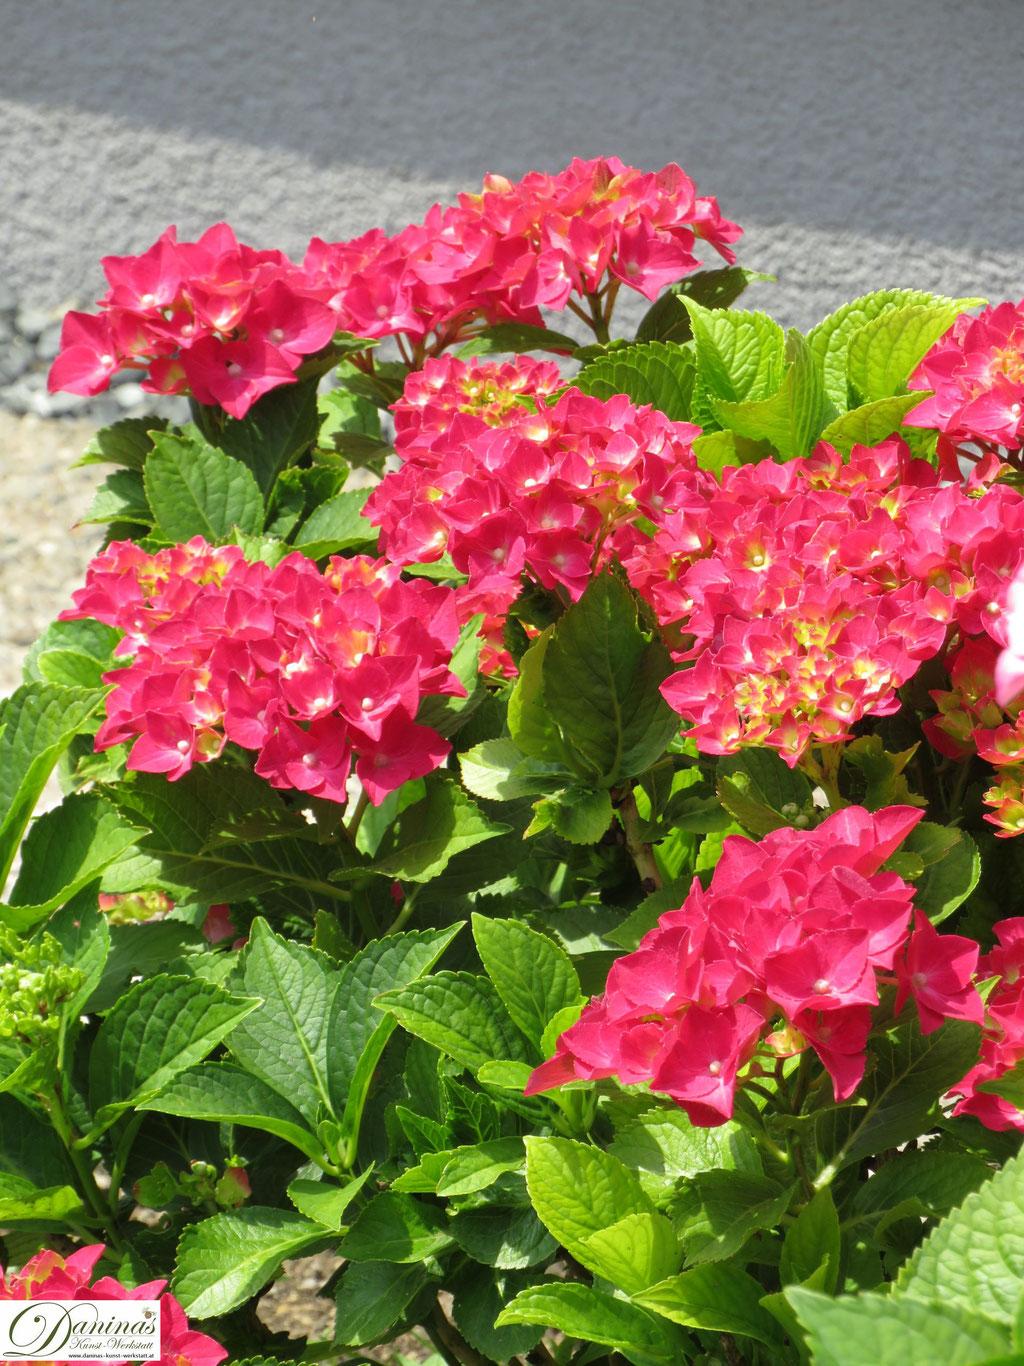 Rot blühender Hortensienstrauch